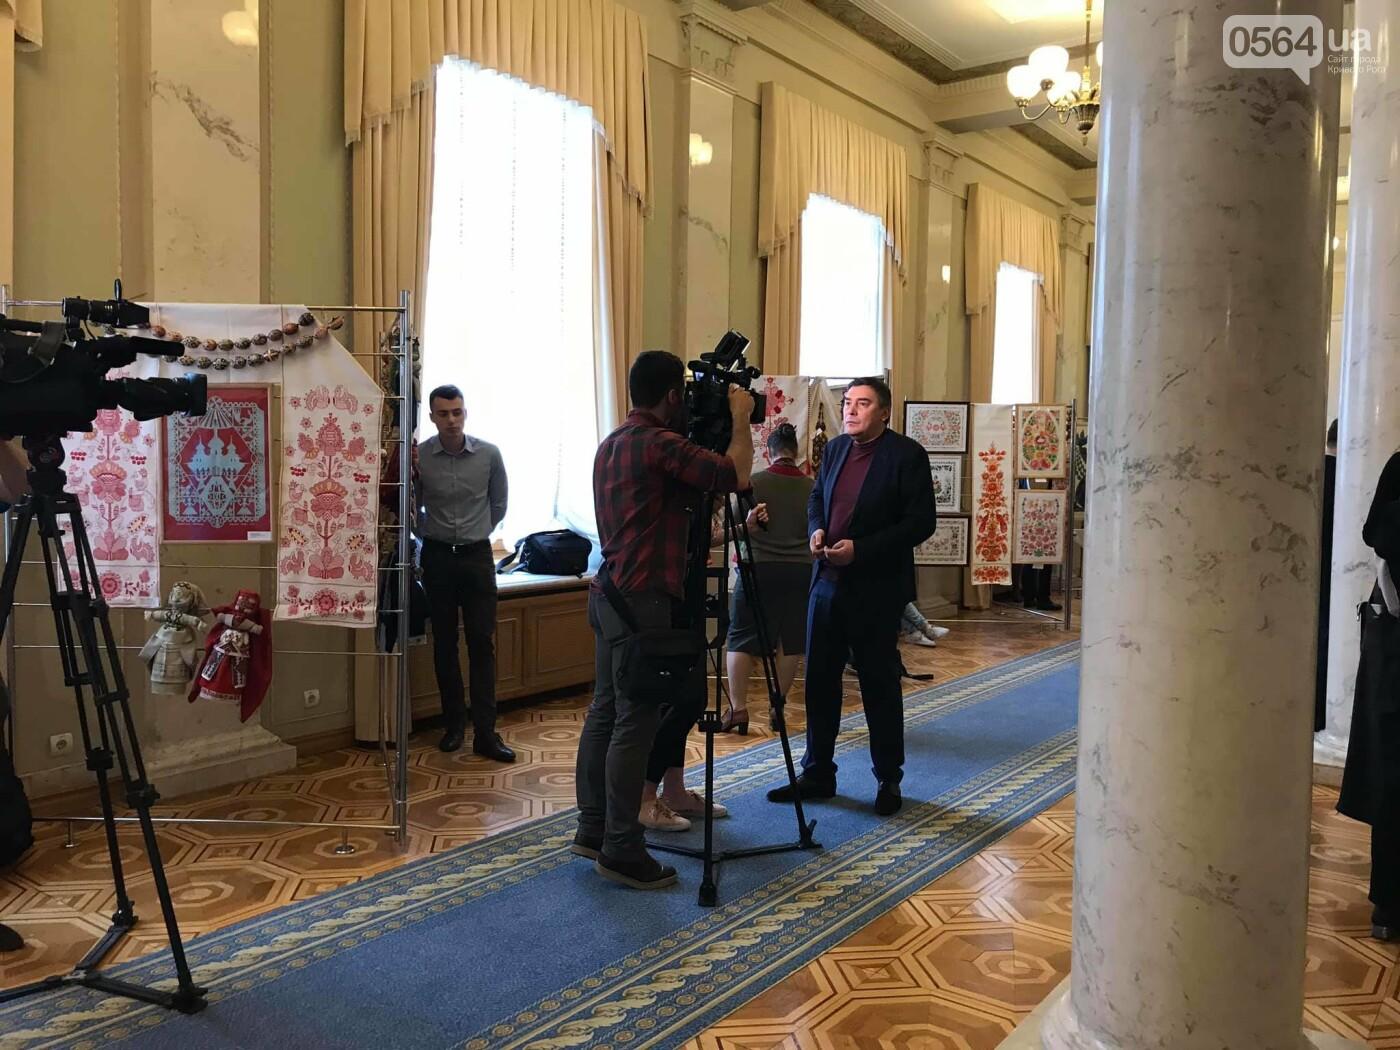 В Верховной Раде открылась выставка криворожских мастериц, - ФОТО, фото-10